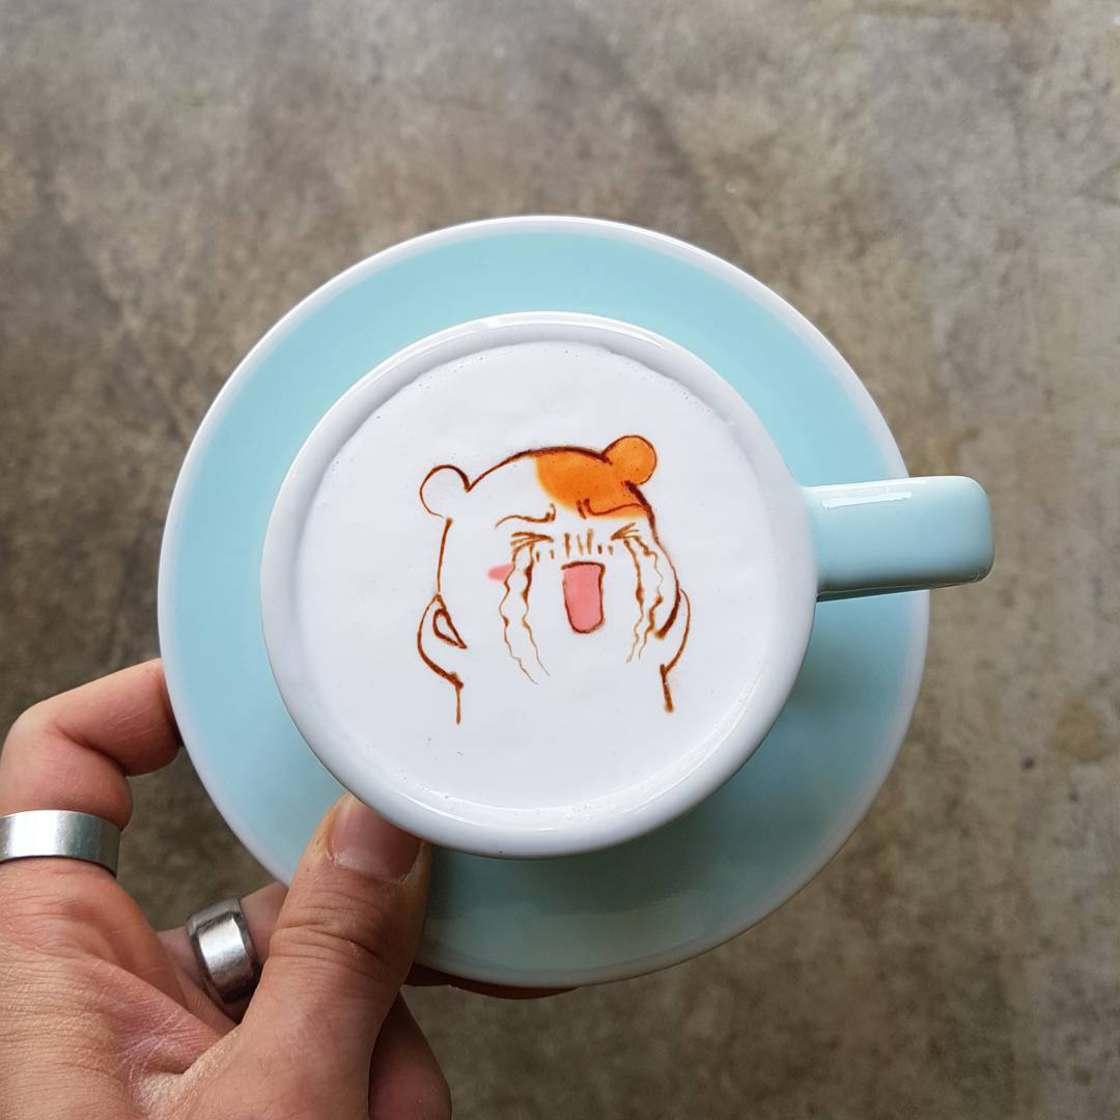 art-on-coffee-lee-kang-bin-10.jpg